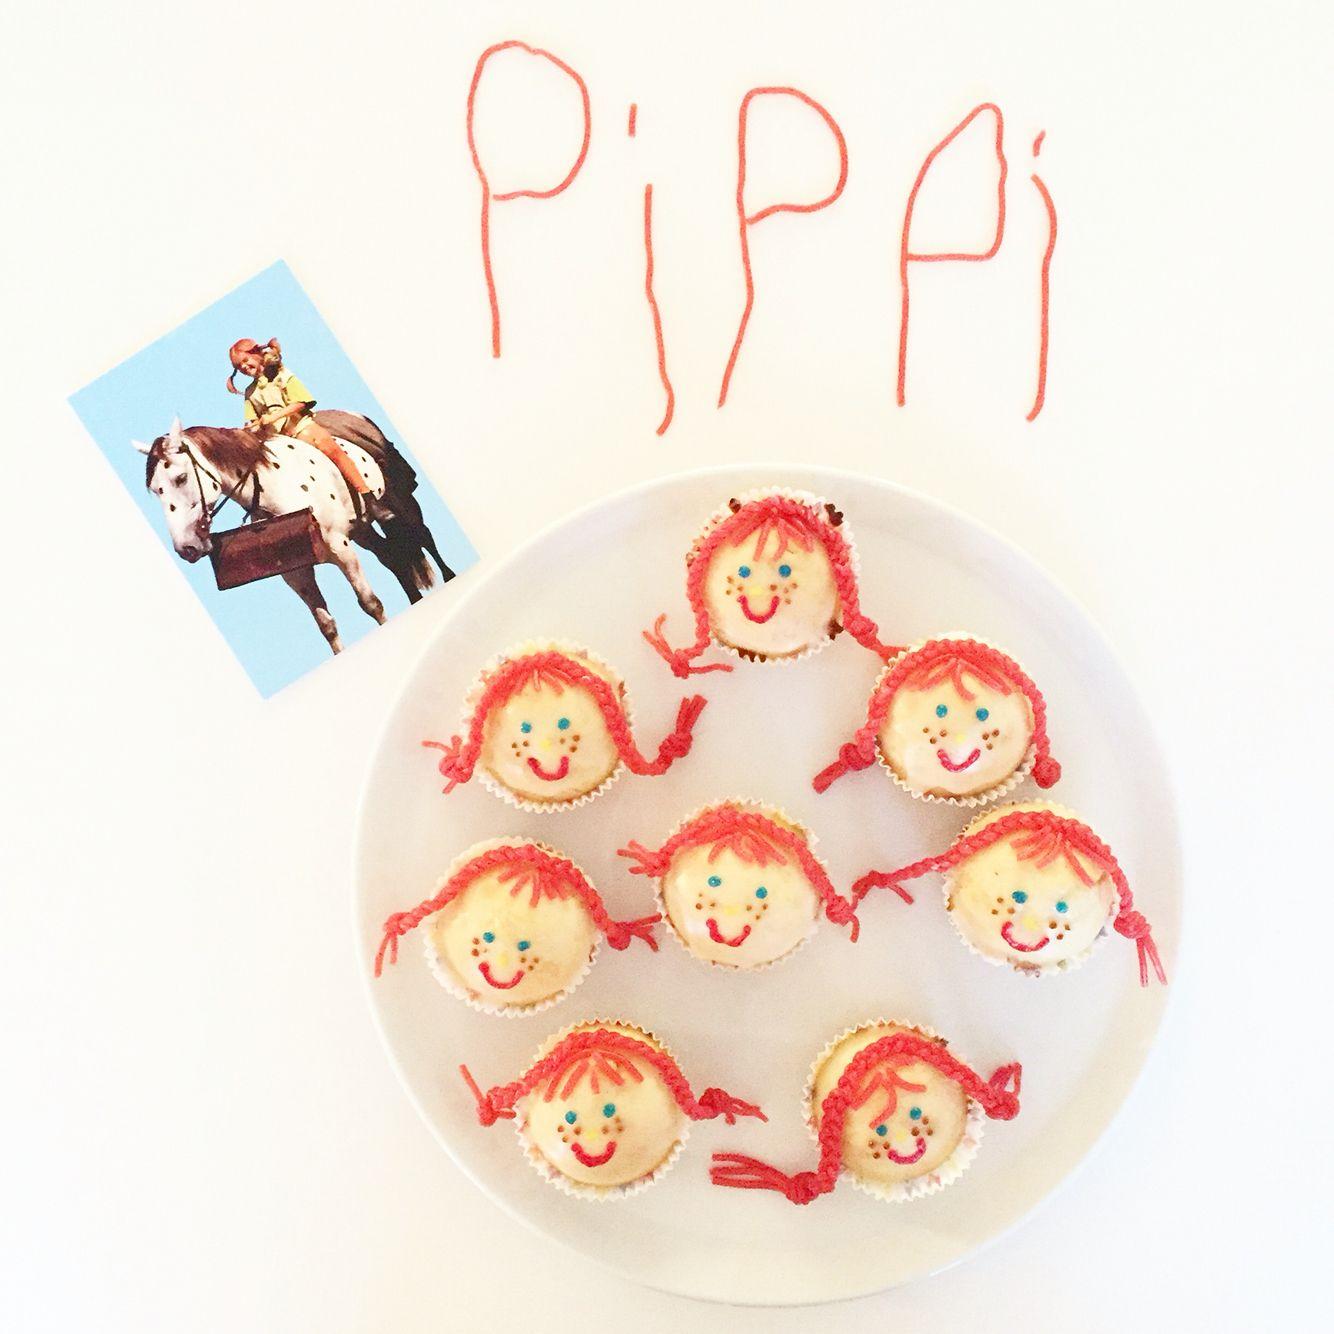 Wir Backen Pippi Langstrumpf Herr Und Frau Krauss Shop Und Blog Pippi Langstrumpf Pippi Langstrumpf Party Kindergeburtstag Feiern Ideen